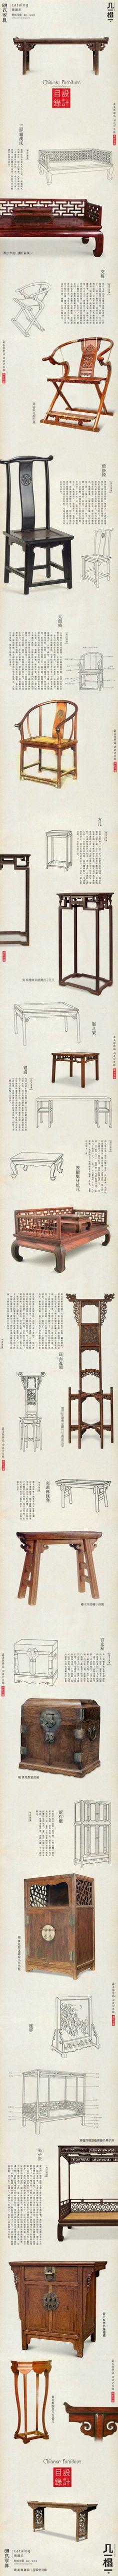 SUPER HELPFUL DIAGRAM of Chinese furniture 明式家具